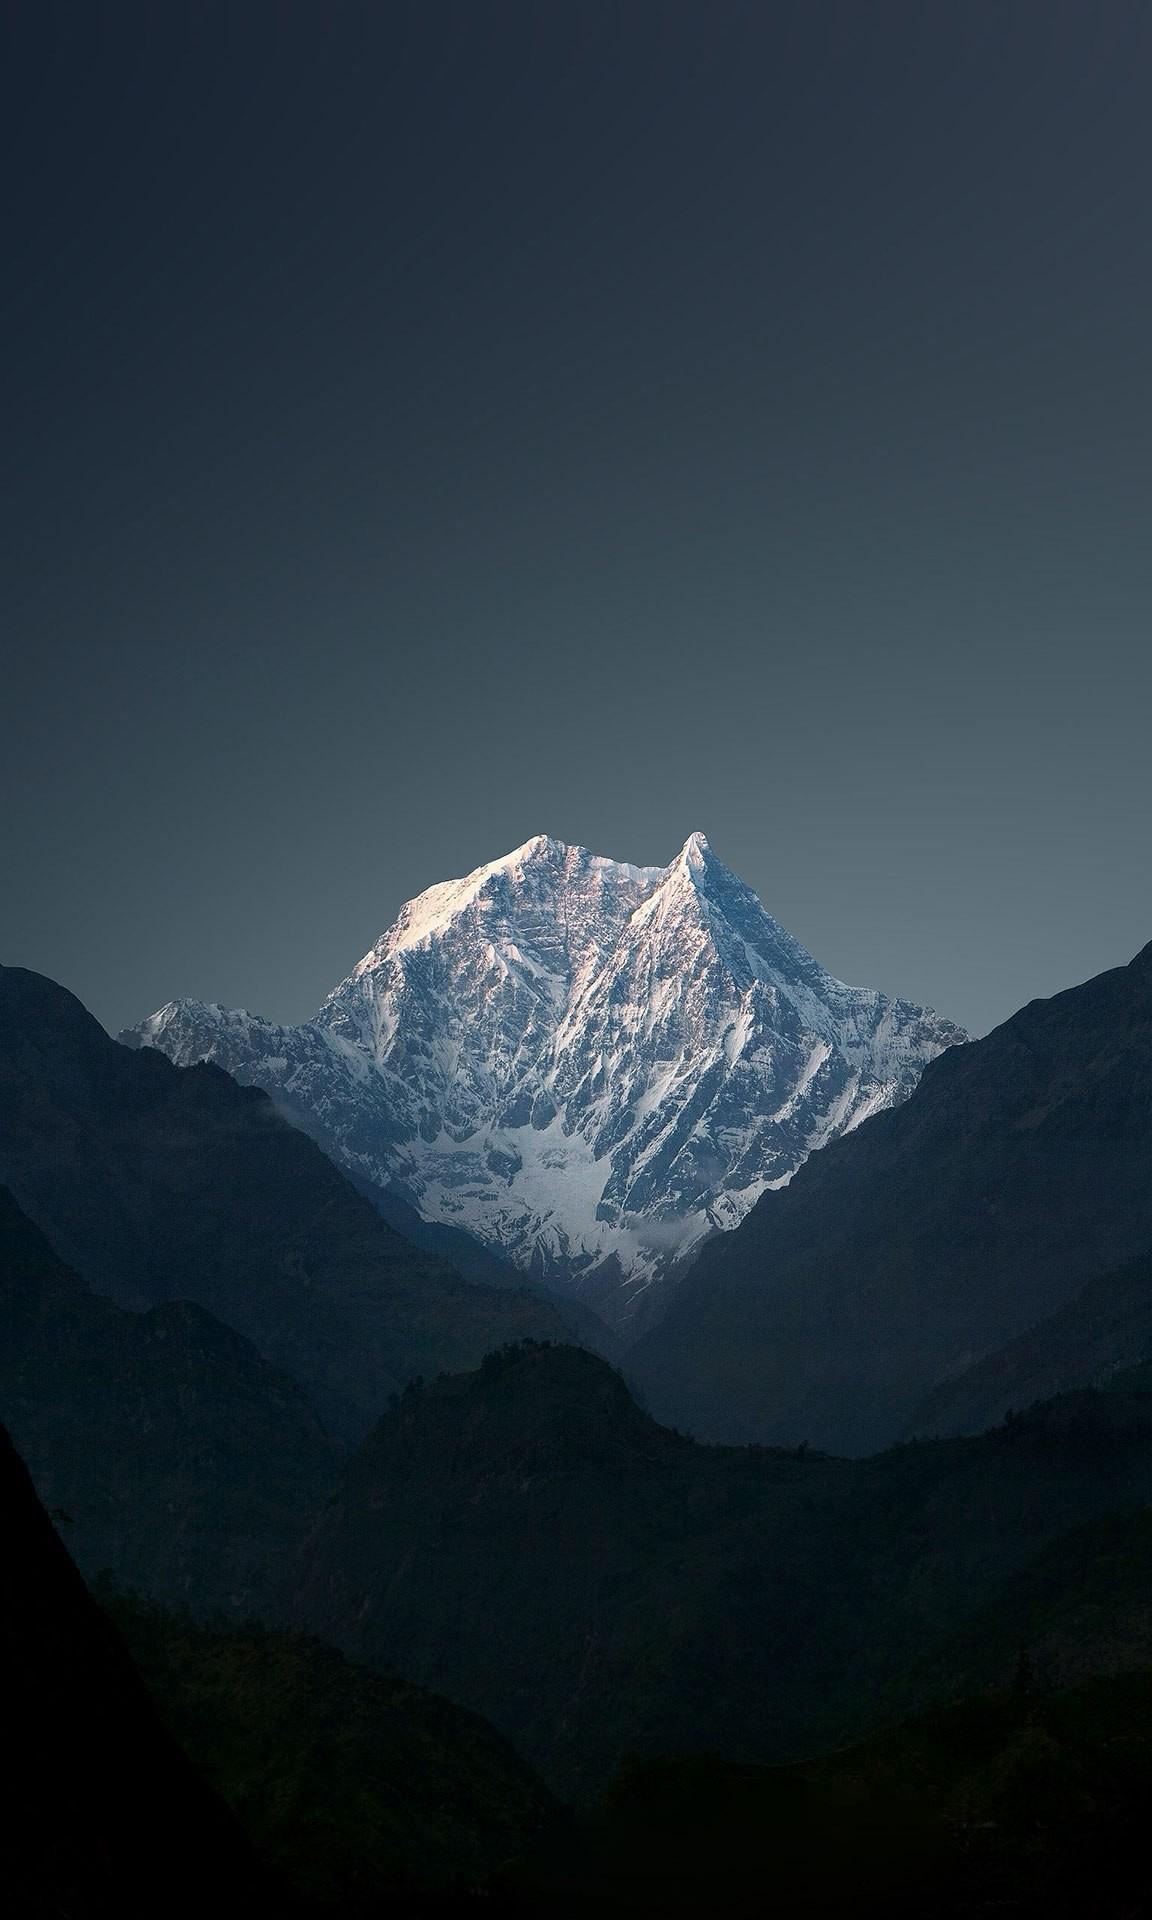 Sfondi Luce Del Sole Montagne Collina Natura Minimalismo